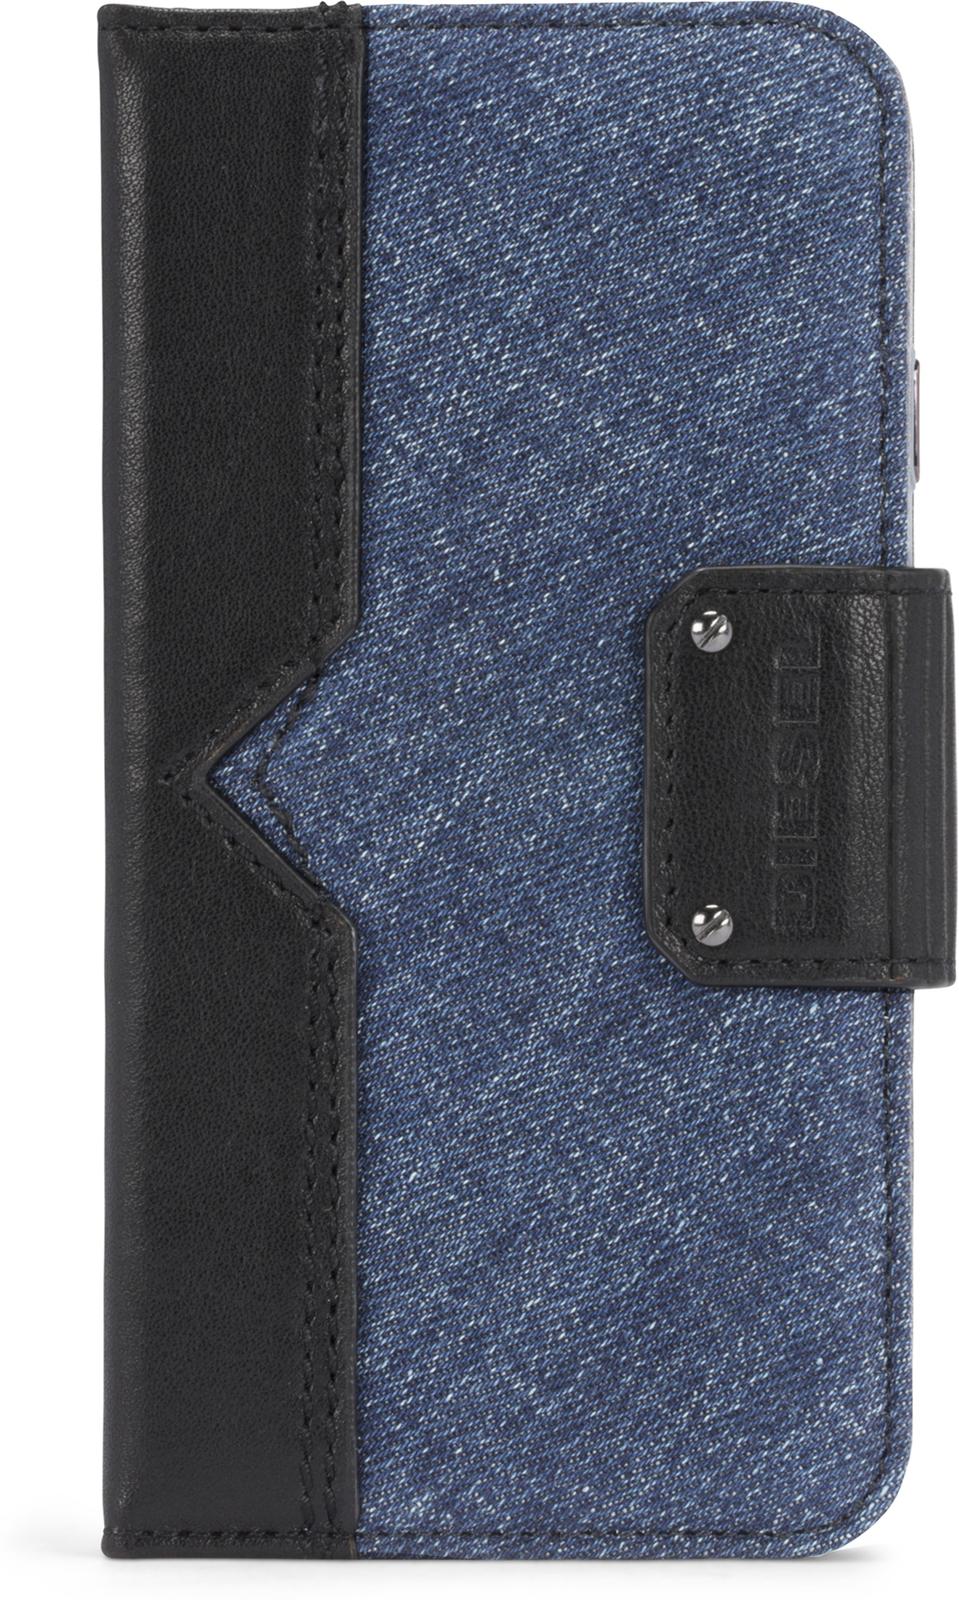 Incipio Diesel Folio Case IPhone 8/7 Leather EagleDenim DIPH-011-LEAGD - eet01